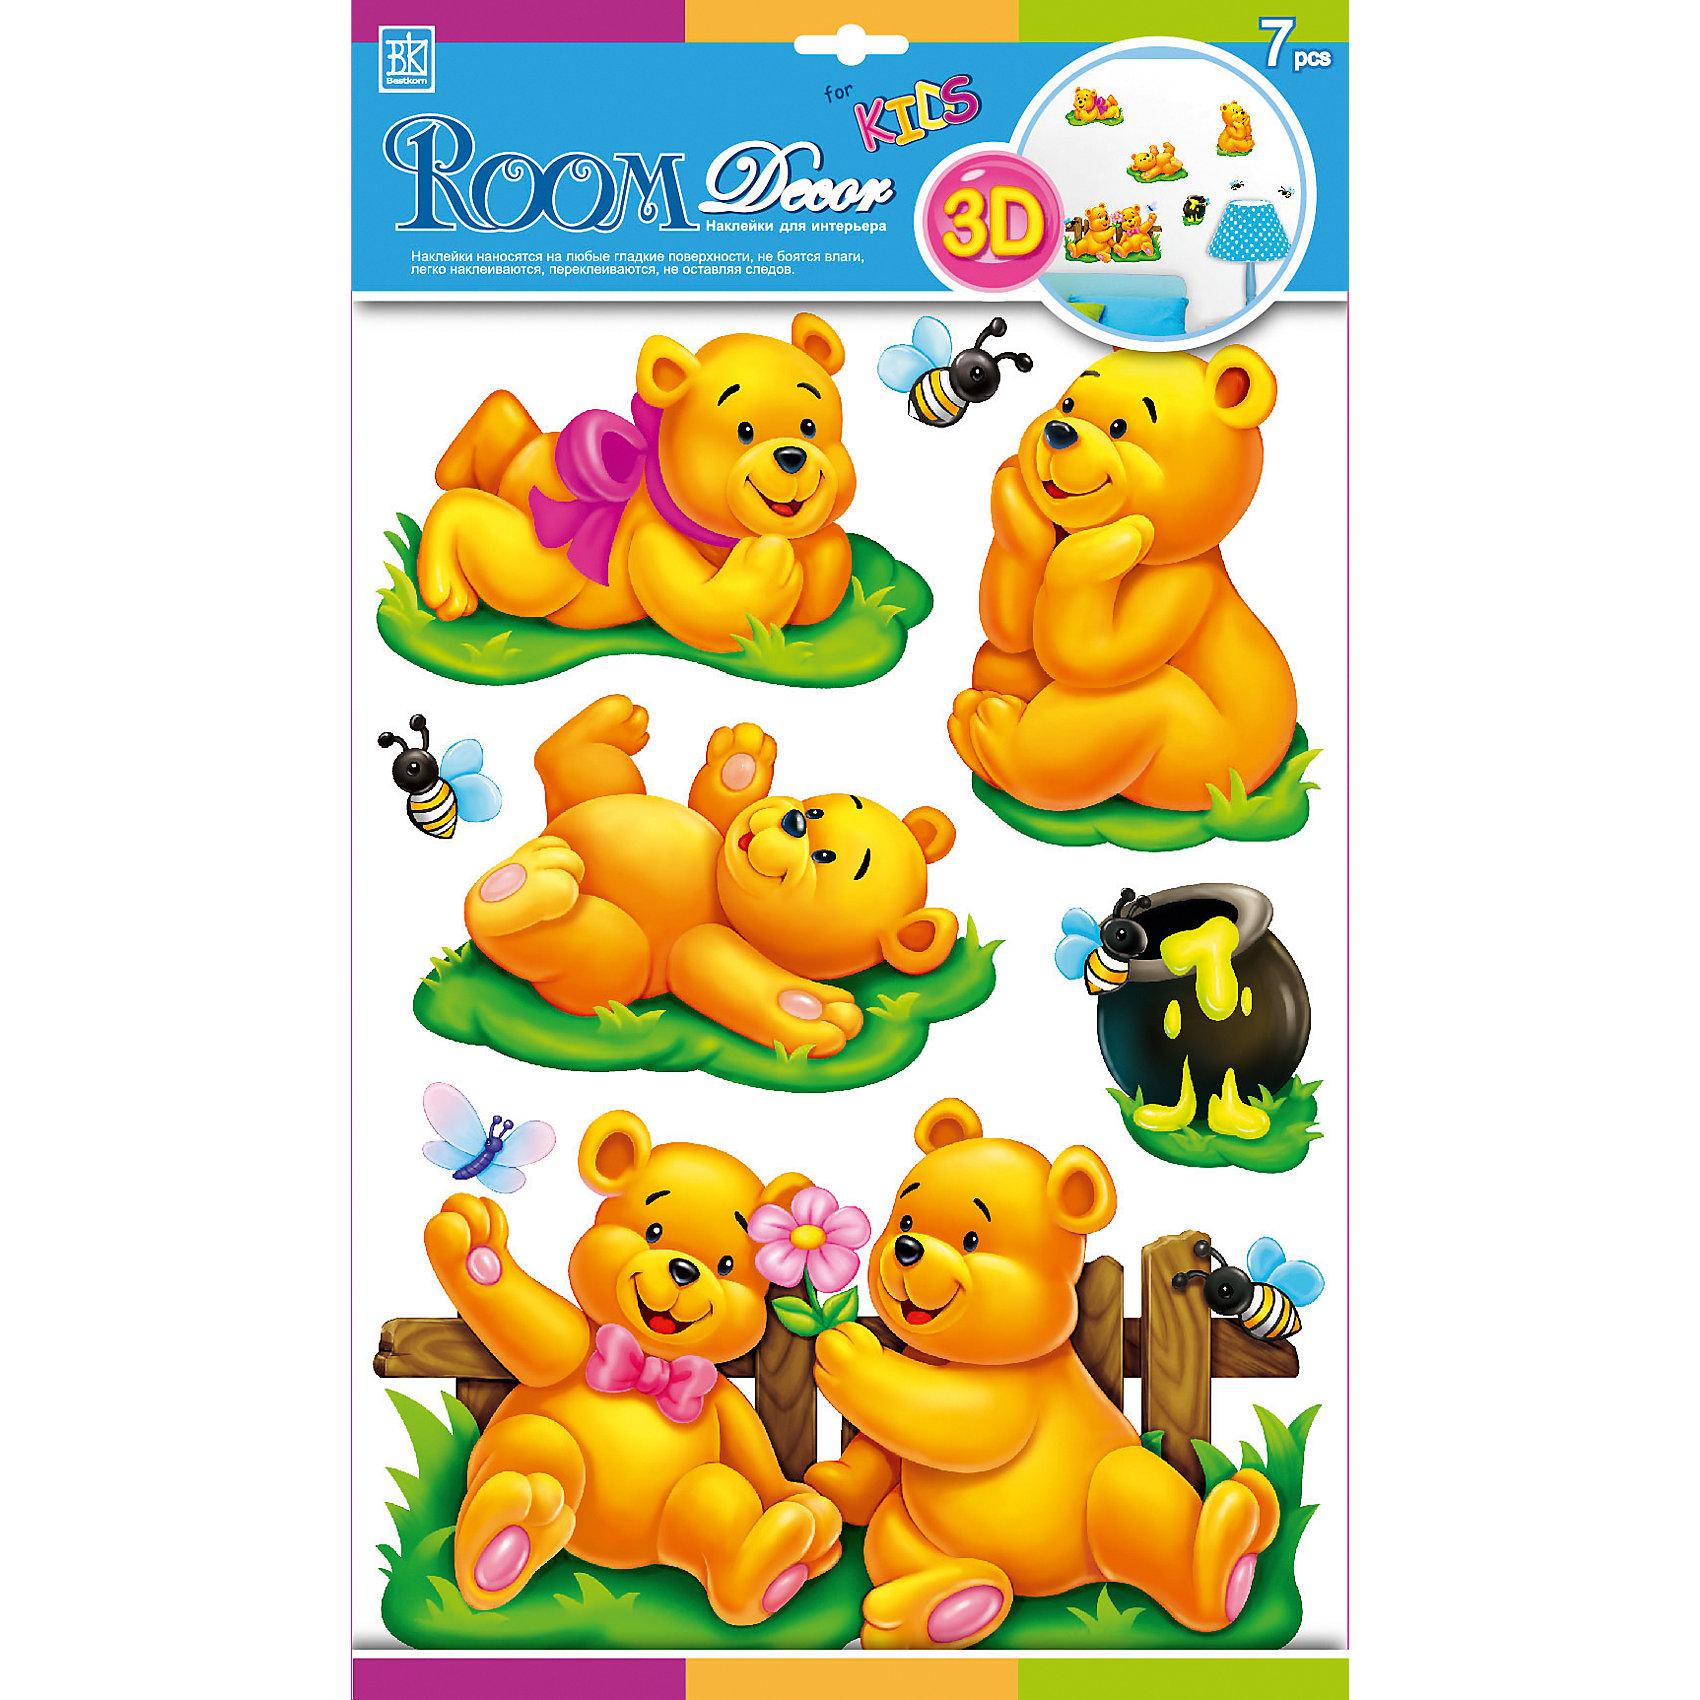 Наклейка Медвежата POA1001, Room DecorПредметы интерьера<br>Характеристики:<br><br>• Предназначение: декор комнаты, создание творческой зоны в детской комнате<br>• Серия: Детские<br>• Тематика наклеек: медвежата<br>• Материал: картон, ПВХ<br>• Комплектация: 7 элементов<br>• Форма: 3d<br>• Многослойные<br>• Клейкая поверхность крепится на окрашенные стены, обои, двери, деревянные панели, стекло<br>• Не повреждают поверхность<br>• Устойчивы к выцветанию и истиранию<br>• Повышенные влагостойкие свойства<br>• Размеры (Д*Ш*В): 30*7*42 см<br>• Вес: 50 г<br>• Упаковка: блистер<br><br>Все наклейки выполнены из безопасного и нетоксичного материала – ПВХ. Прочная клеевая основа обеспечивает надежное прикрепление практически к любому виду горизонтальной или вертикальной поверхности, при этом не деформируя и не повреждая ее. Наклейки обладают влагоустойчивыми свойствами, поэтому они хорошо переносят влажную уборку. <br><br>Наклейка Медвежата POA1001, Room Decor состоит из набора, в который входят 7 элементов, изображающих собой веселых медвежат, летающих пчел и горшочек меда. Набор выполнен в многослойном формате, что придает всей композиции 3d эффект.<br><br>Наклейку Медвежата POA1001, Room Decor можно купить в нашем интернет-магазине.<br><br>Ширина мм: 300<br>Глубина мм: 70<br>Высота мм: 420<br>Вес г: 50<br>Возраст от месяцев: 36<br>Возраст до месяцев: 168<br>Пол: Унисекс<br>Возраст: Детский<br>SKU: 5512988